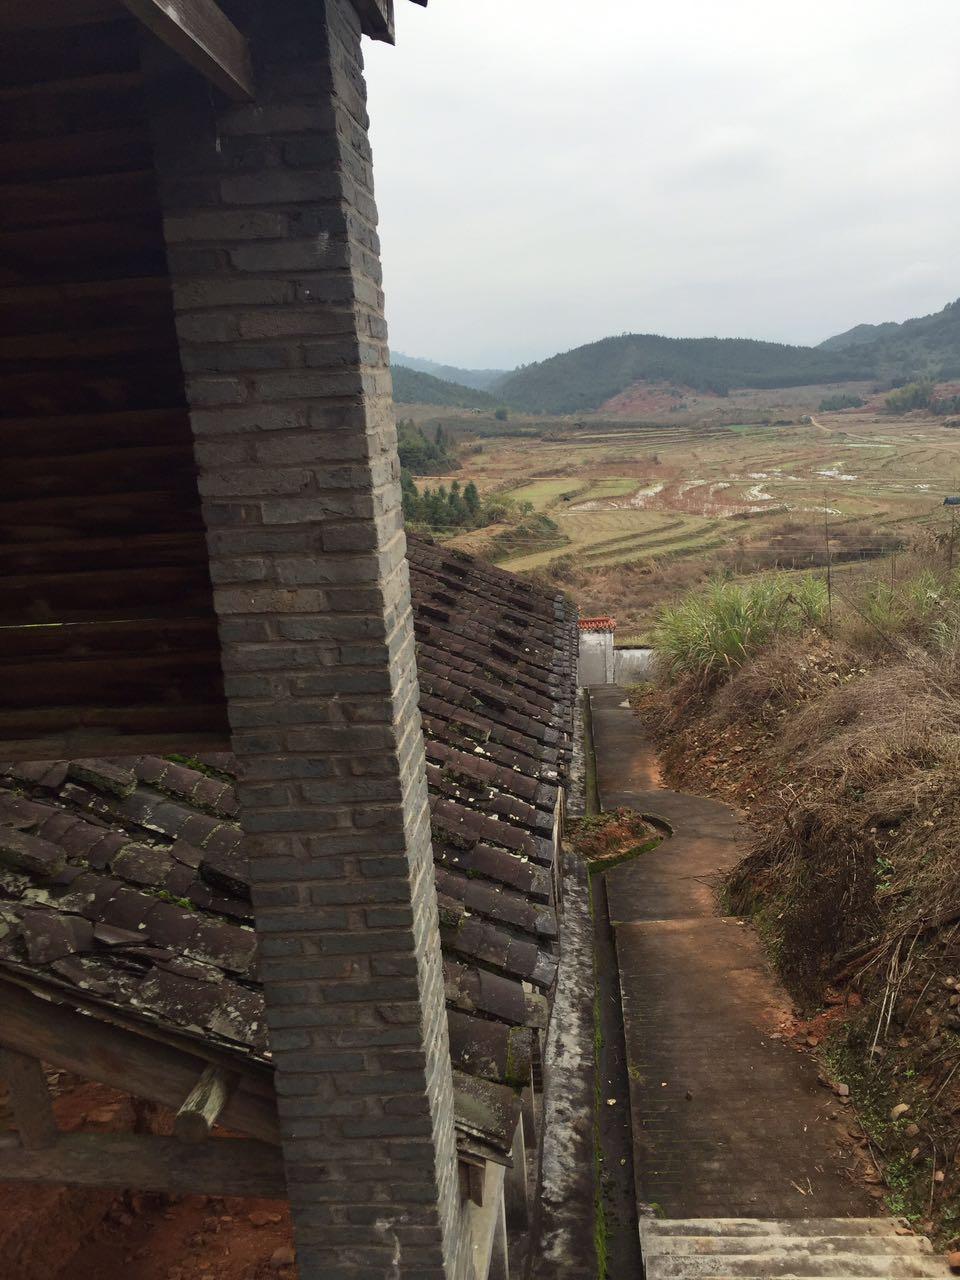 135米 可能是国内最长的龙窑遗址 曾创造了奇迹